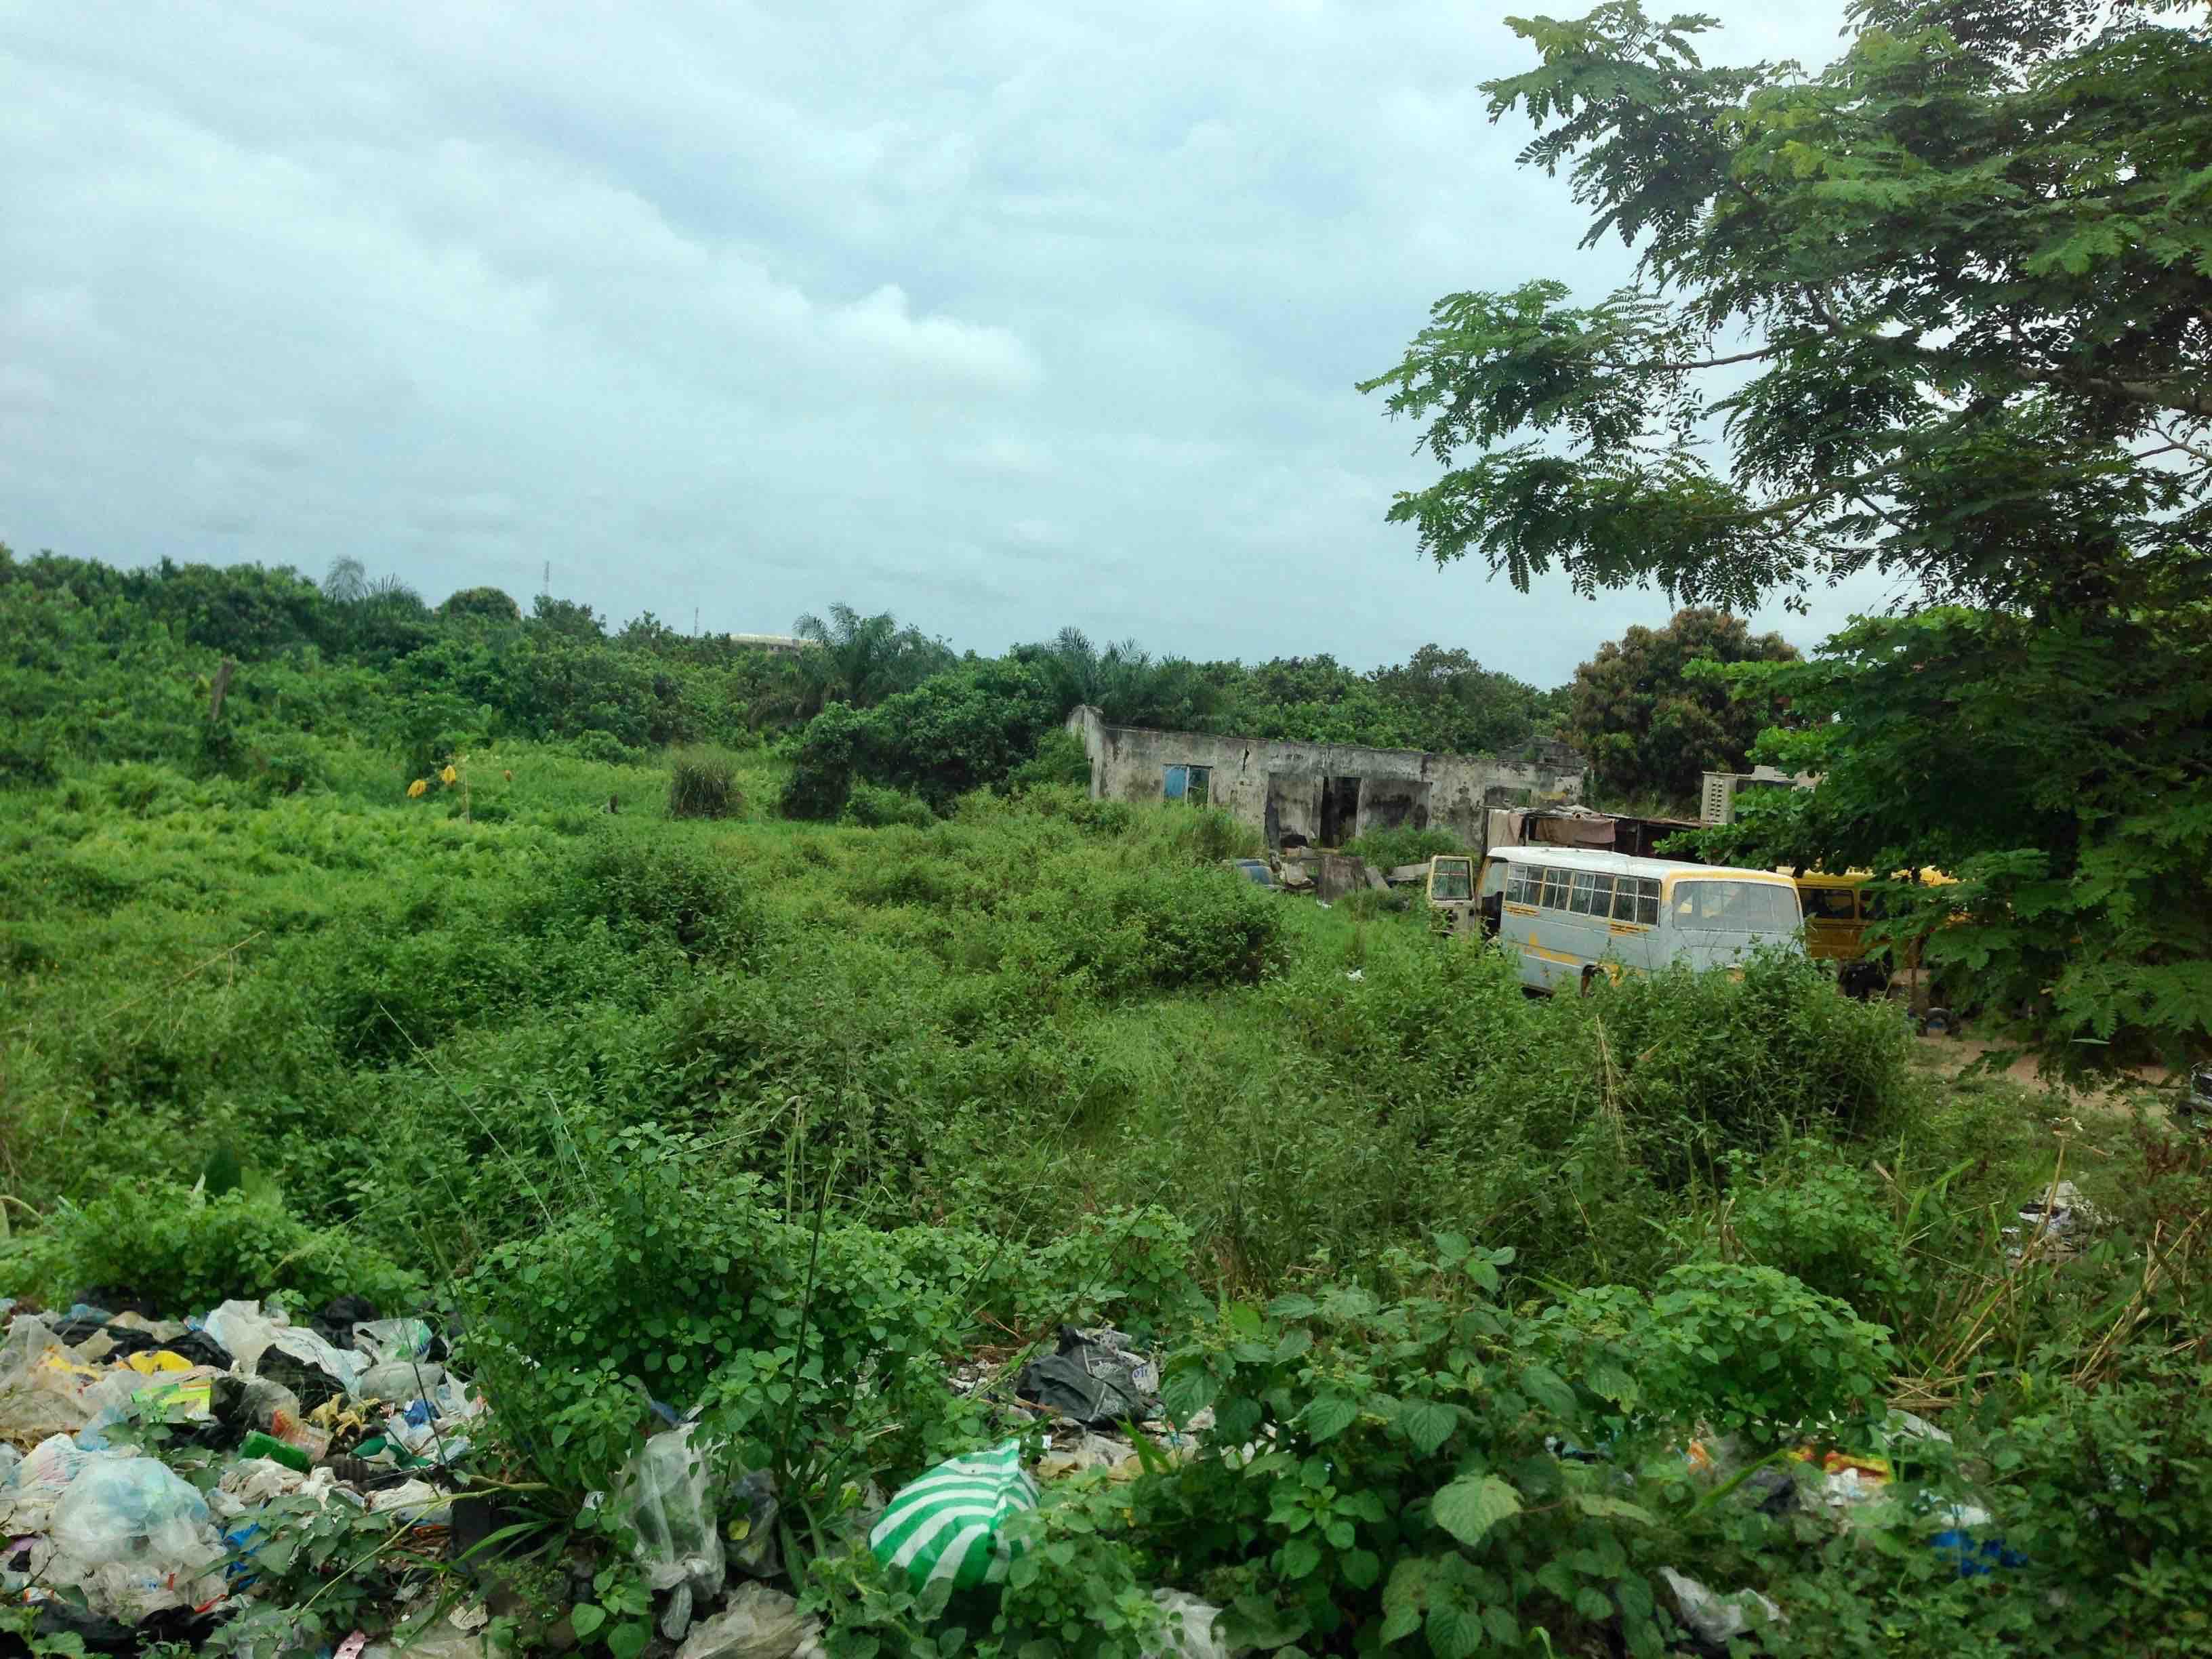 Man shitting in the bush, Lagos - Badagry Expressway, Lagos State, Nigeria. #JujuFilms